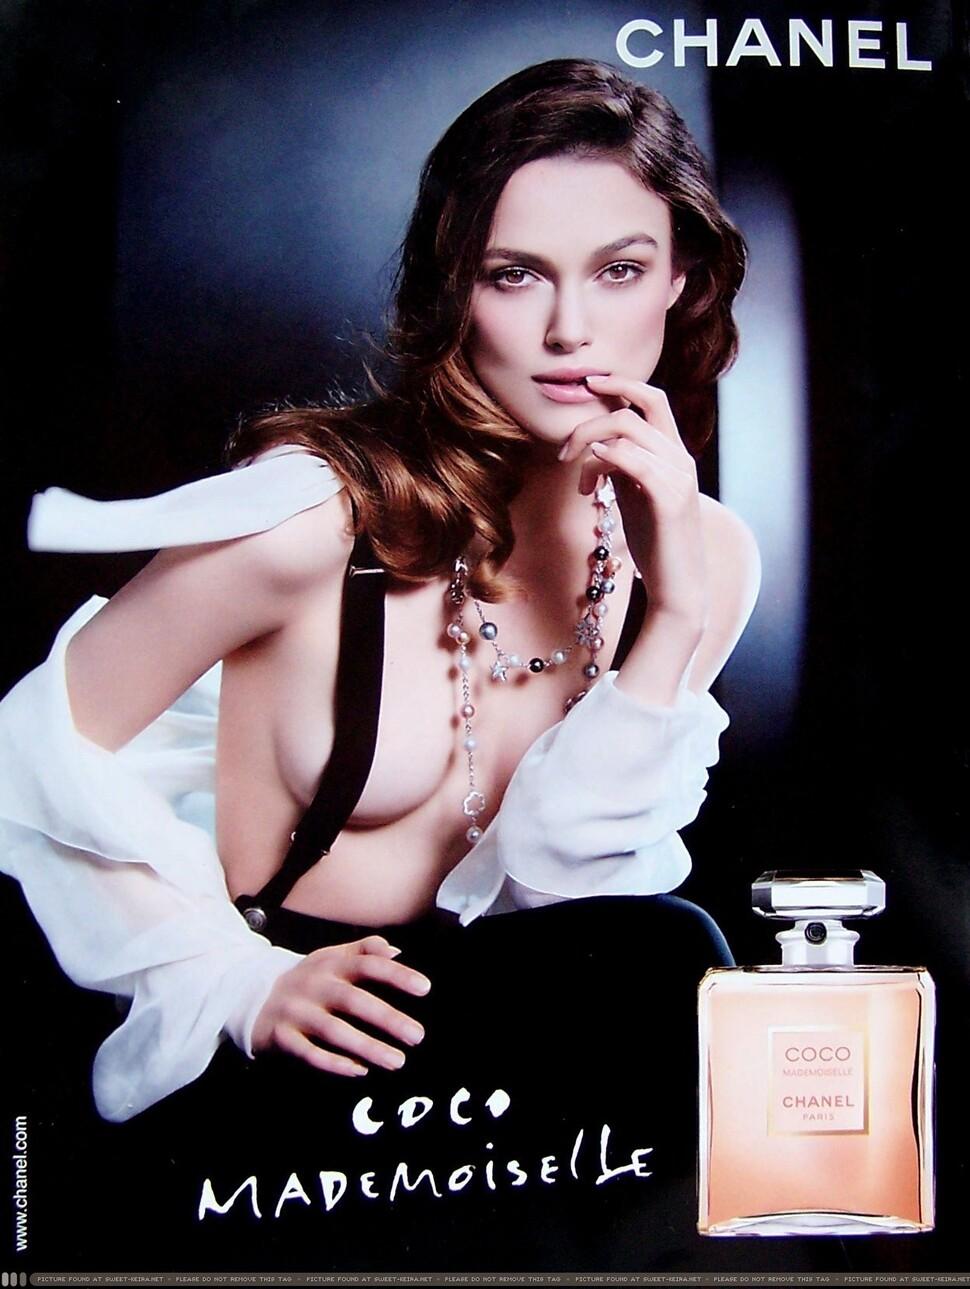 Кира Найтли топлесс в рекламе Chanel